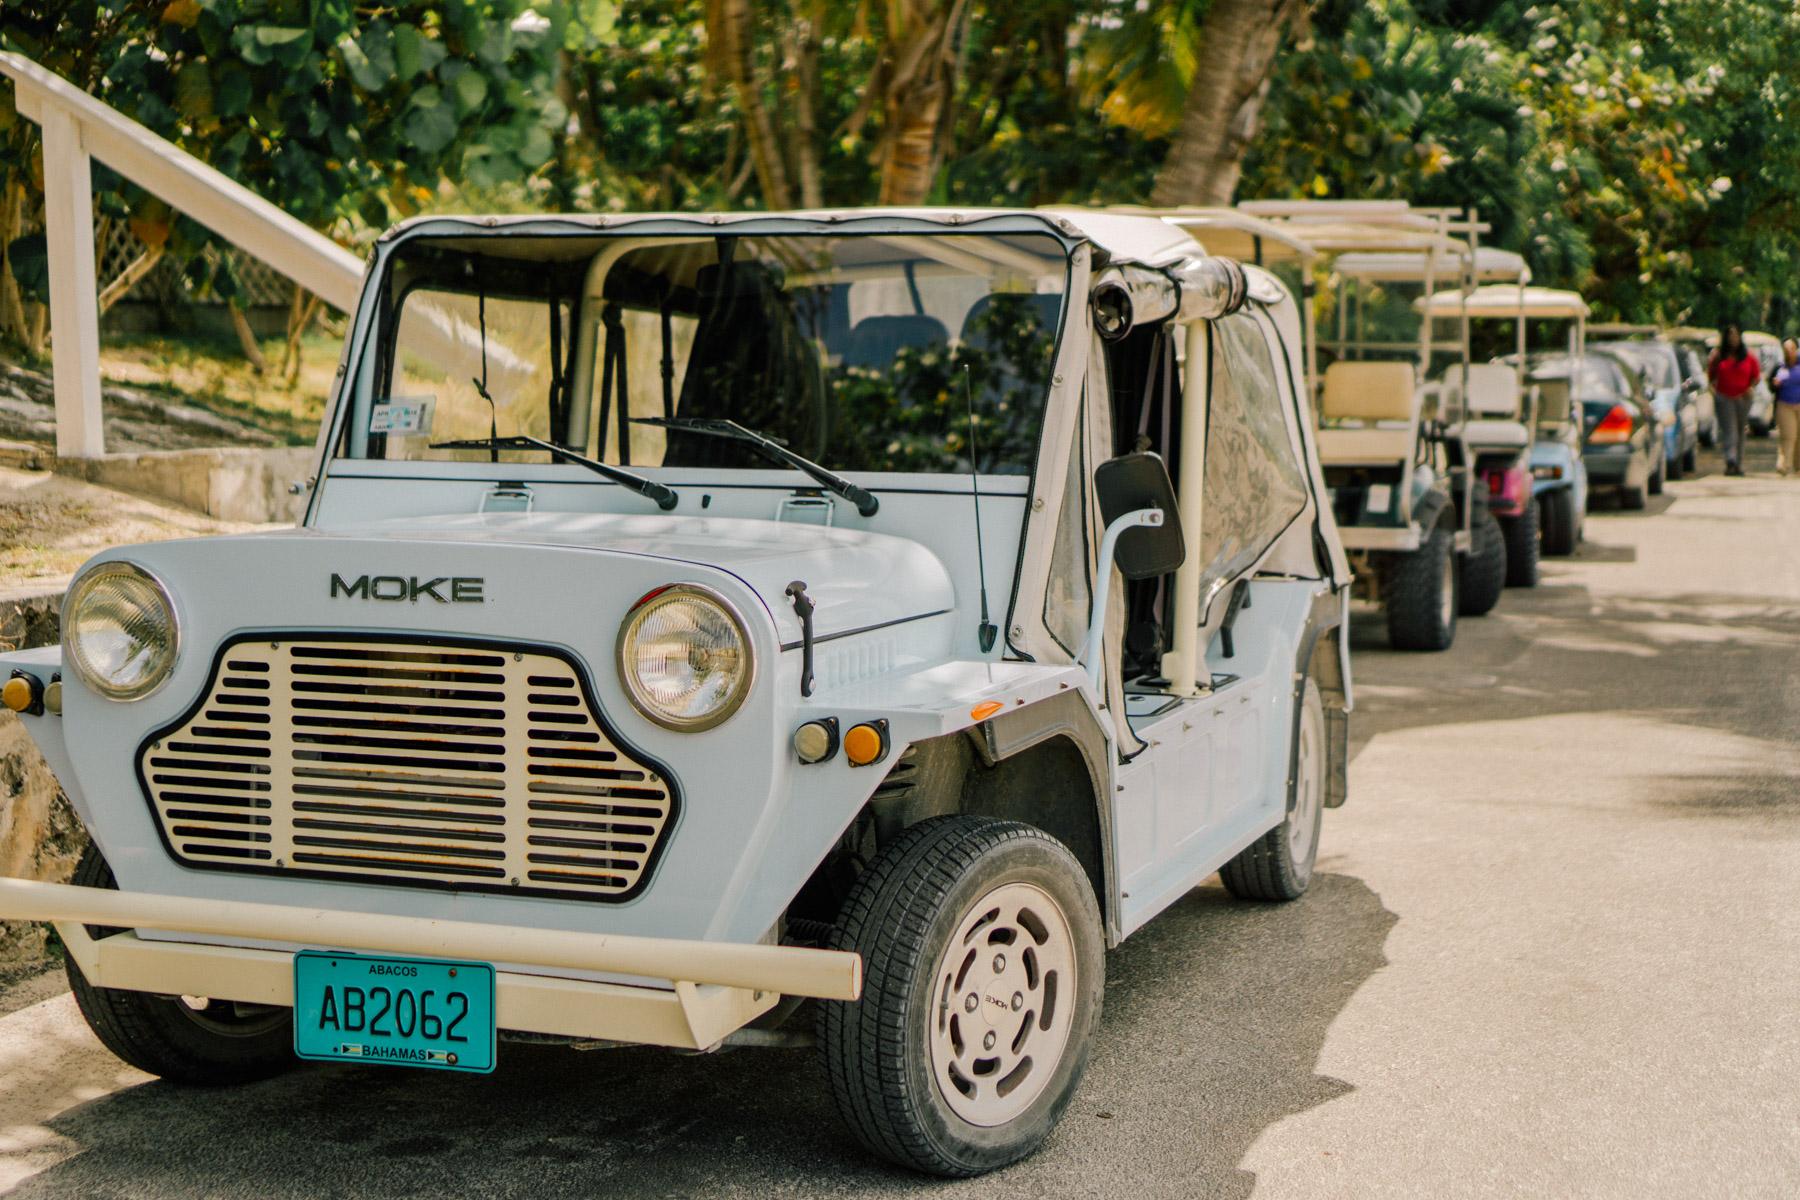 Moke car at Hope Town Harbor